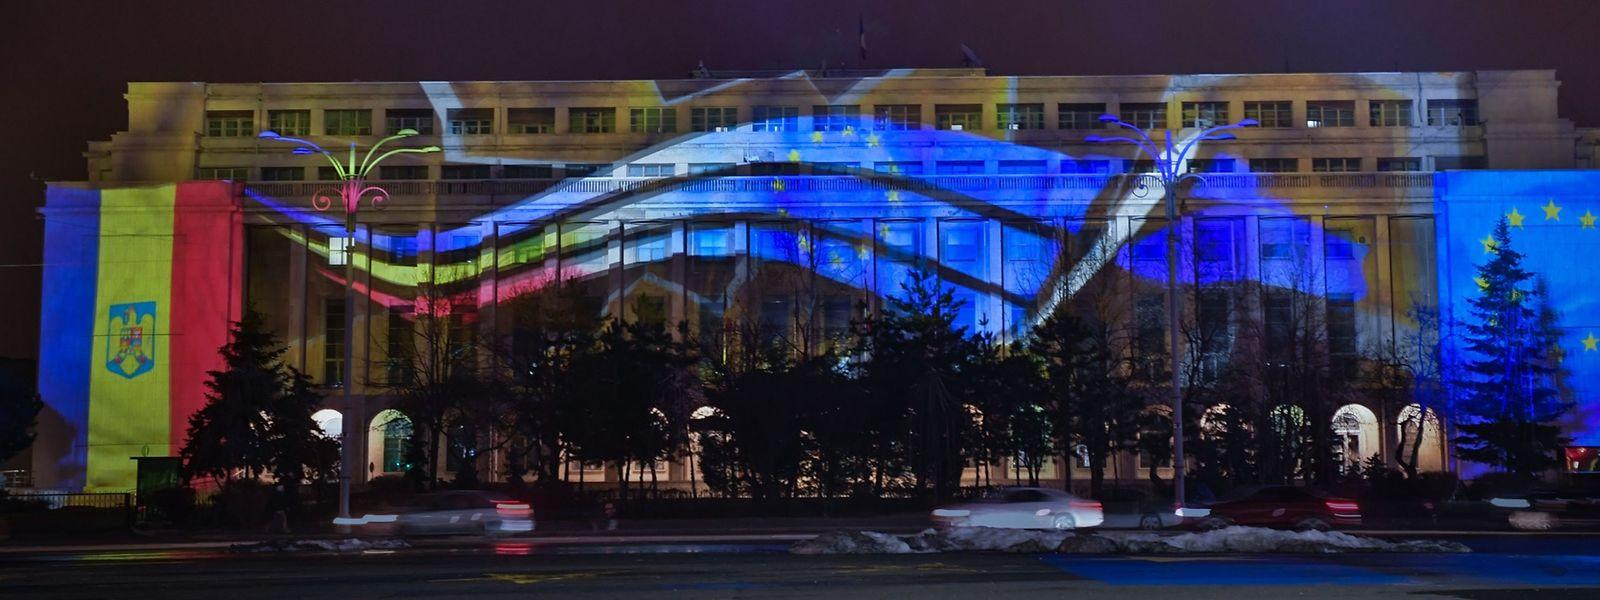 In Bukarest, am 31. Dezember: Das Gebäude der Regierung in den Farben der EU-Flagge und der Flagge von Rumänien.